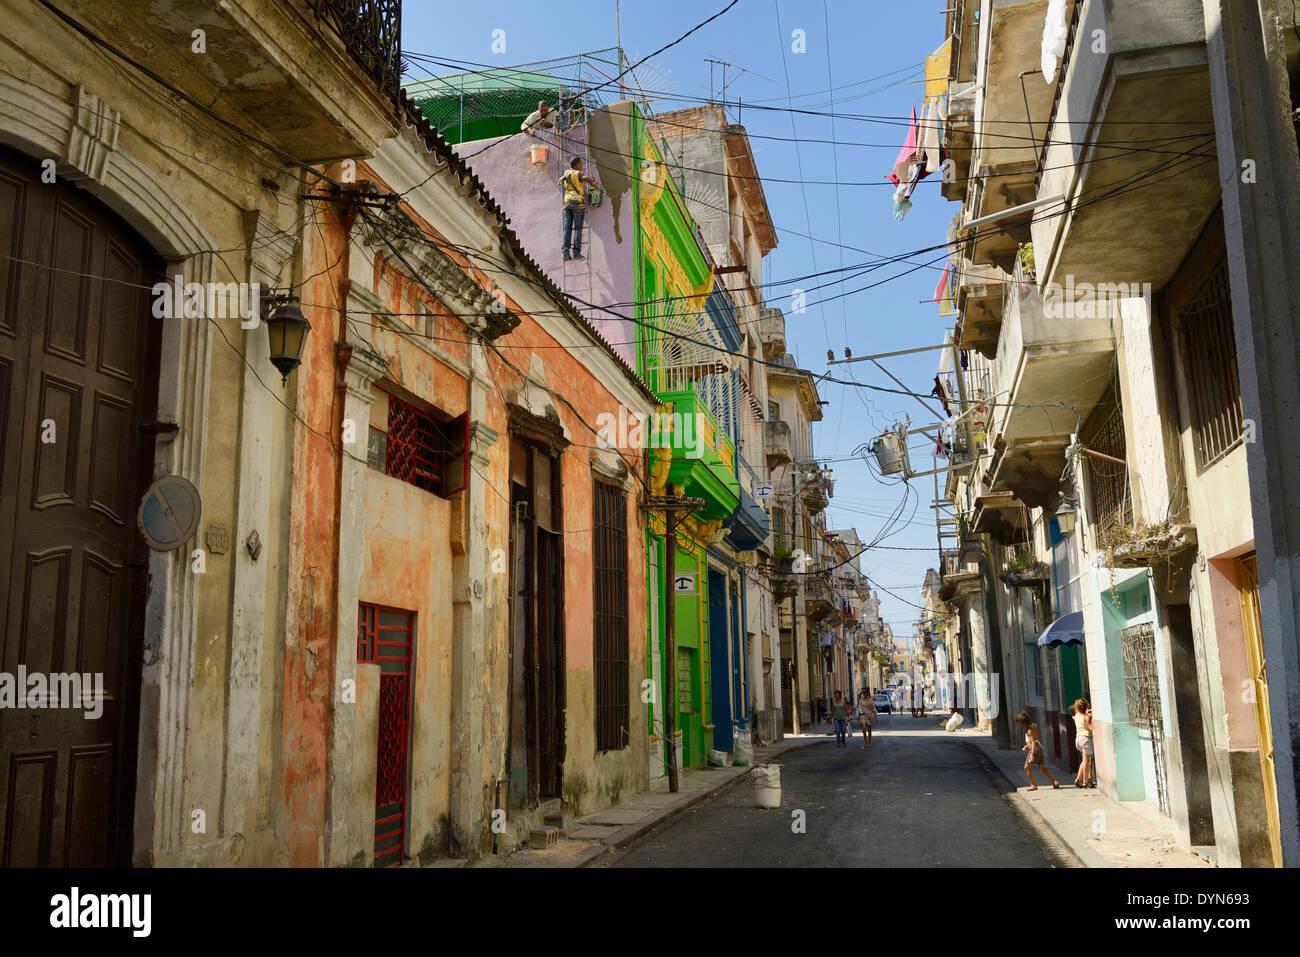 Straße in der Altstadt von Havanna Kuba mit Arbeitern Instandsetzung Wand spielende Kinder und Frauen zu Fuß Stockbild